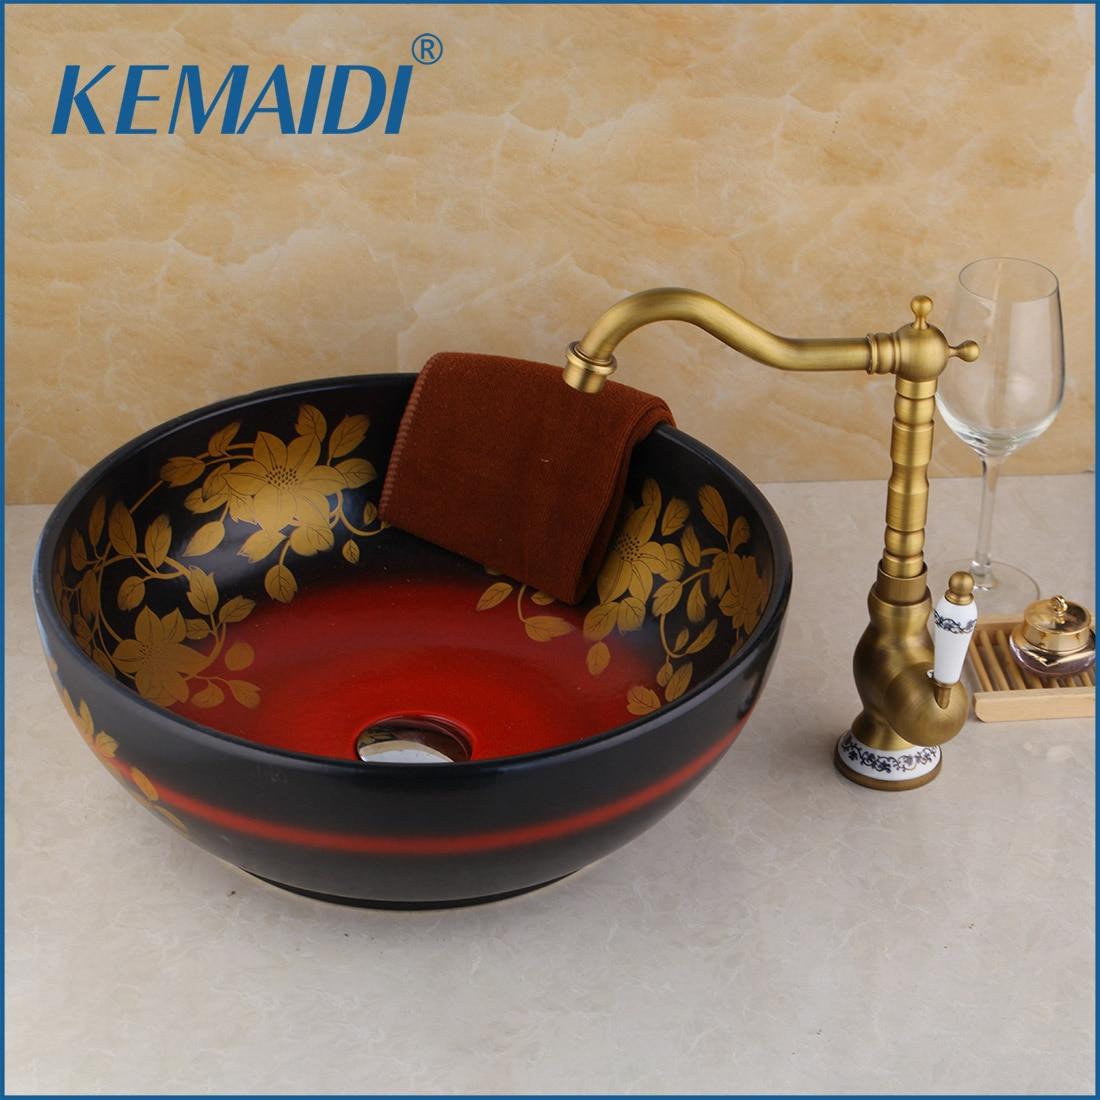 KEMAIDI di Lavaggio di Ceramica Lavello Del vaso del Bacino Con Ottone Antico Rubinetto Del Bagno Foglia Modello Top Contatore Lavabo Lavelli Da Bagno